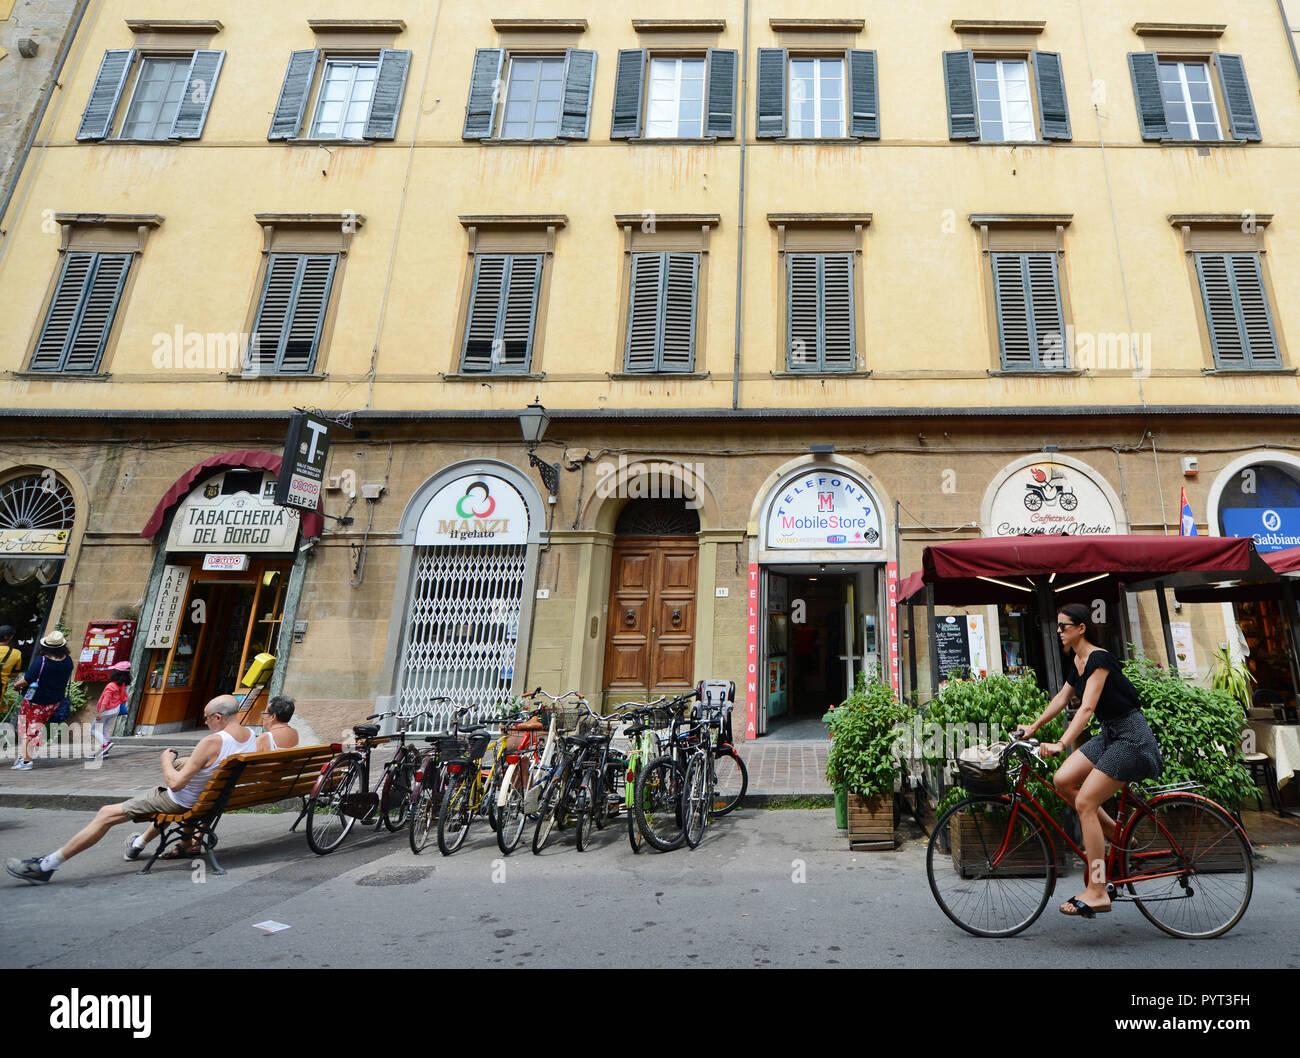 Old buildings along Via Guglielmo Oberdan in Pisa, Italy. Stock Photo